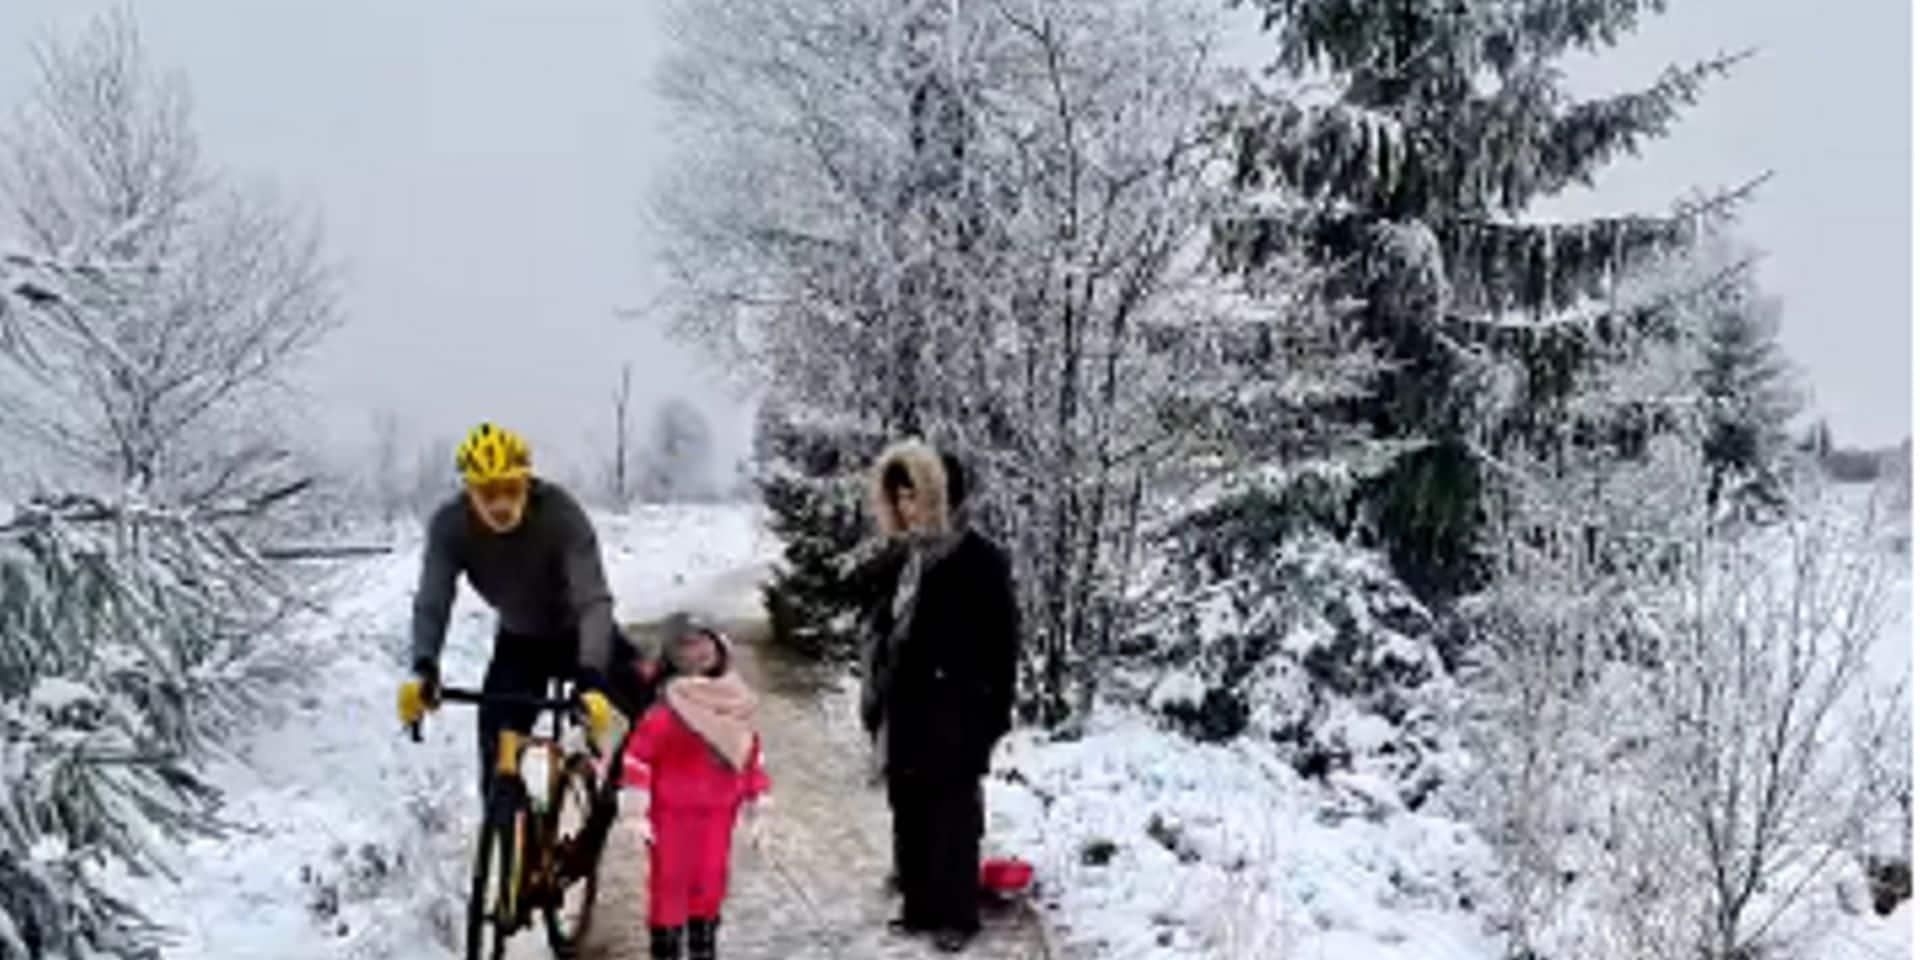 Comment comprendre l'important émoi autour de la vidéo du cycliste dans les Fagnes?